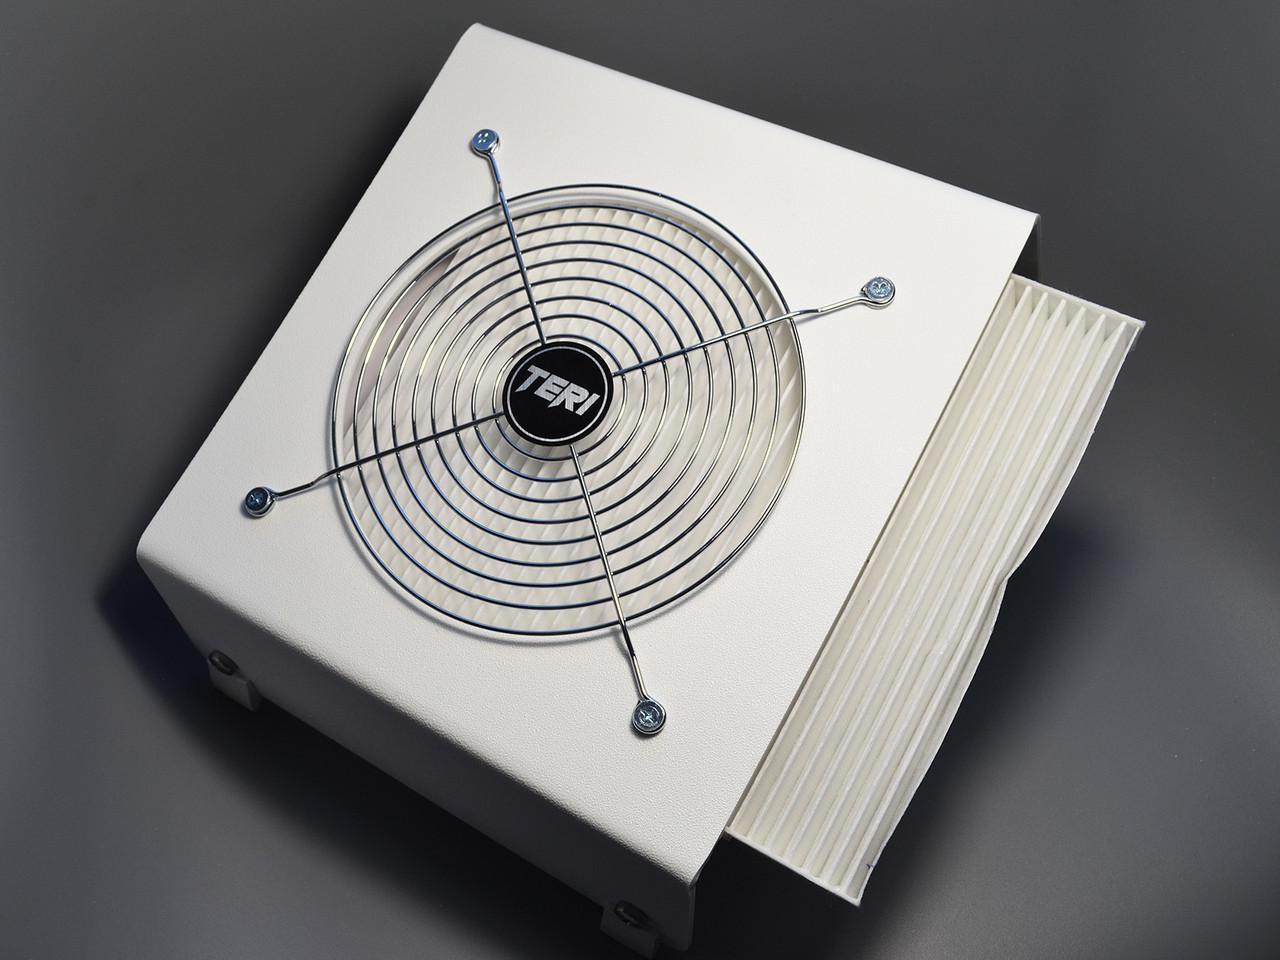 Teri 500m настільна манікюрна витяжка з HEPA фільтром